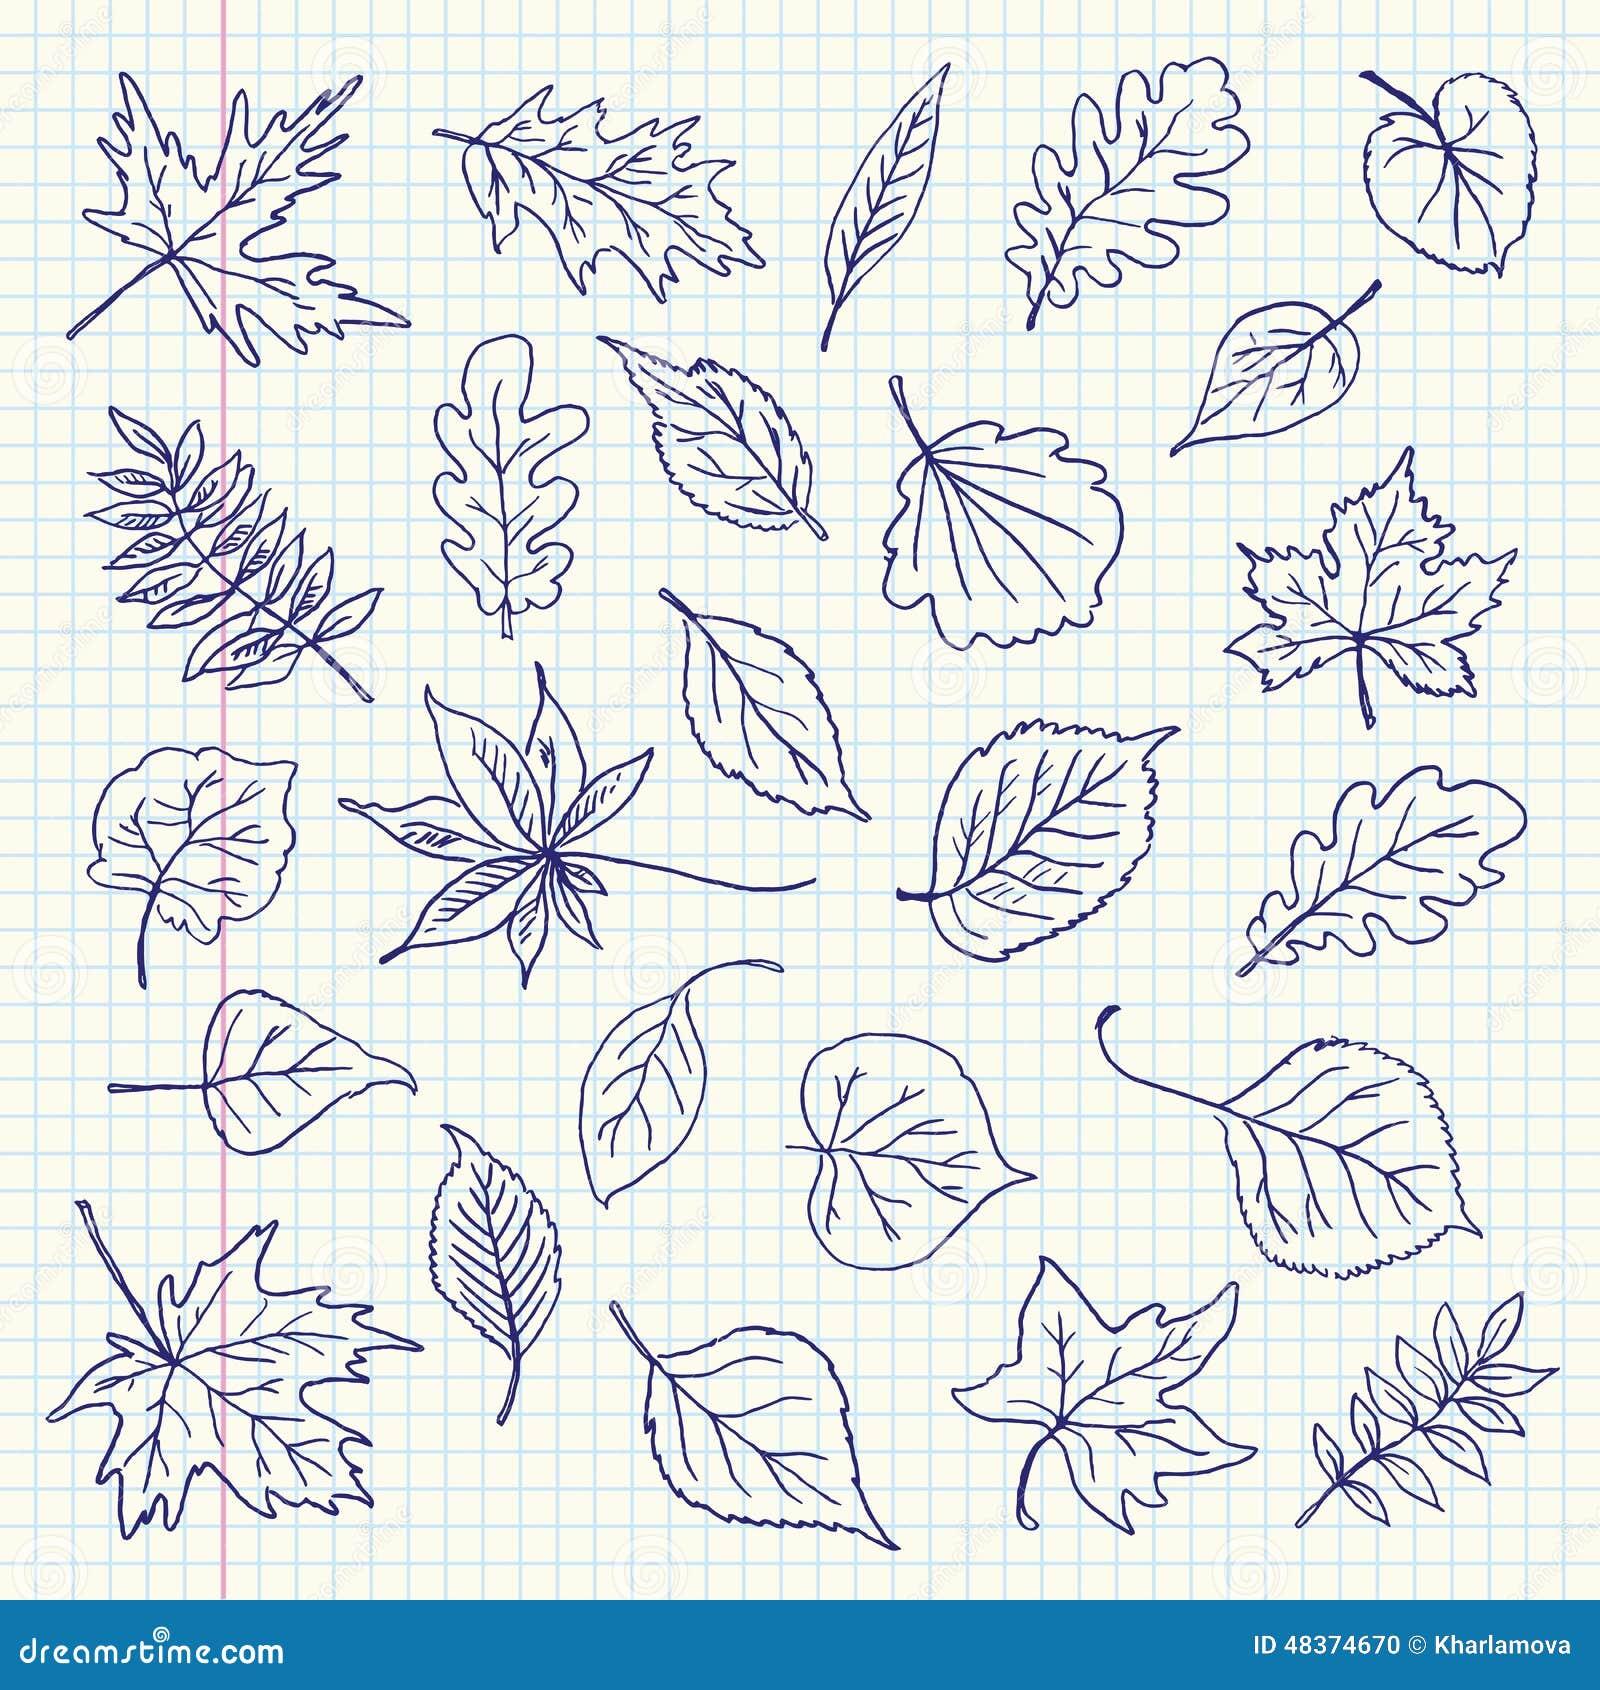 Articles de feuilles d 39 automne de dessin de dessin main lev e sur une feuille de livre d - Feuille automne dessin ...